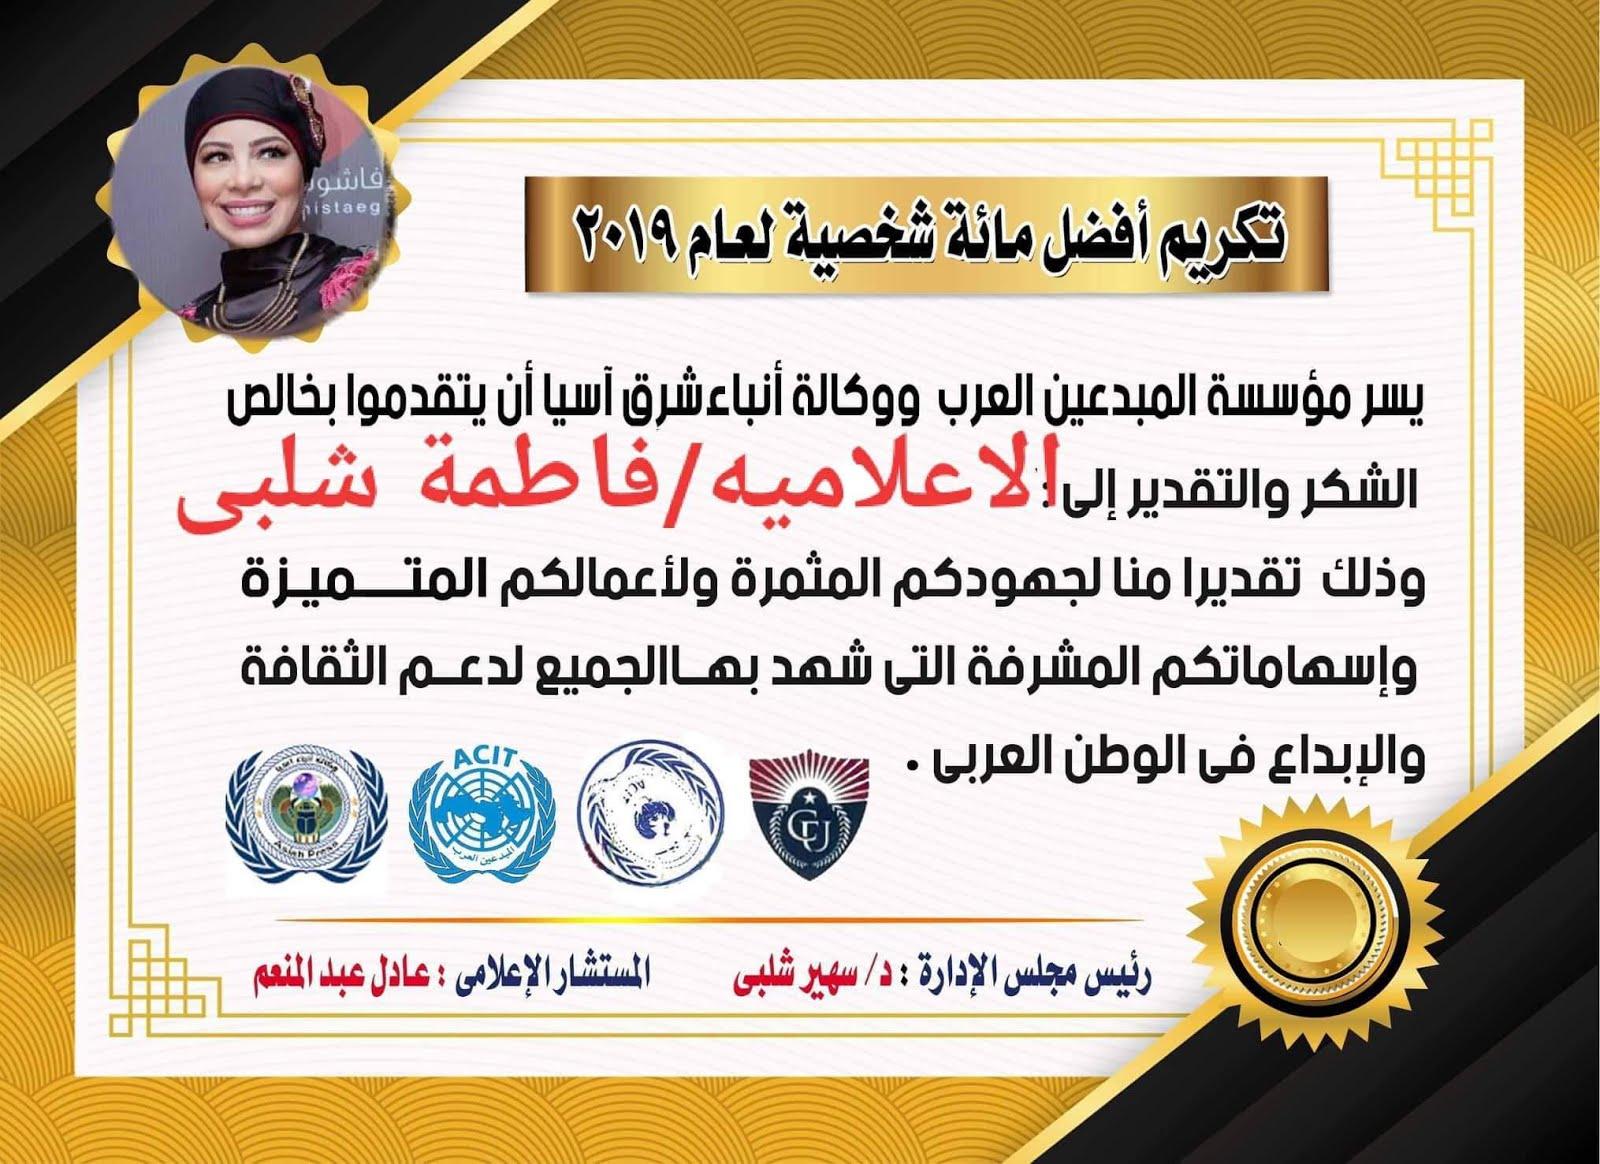 تكريم الإعلامية فاطمة شلبى من مؤسسة المبدعين العرب ووكالة أنباء شرق آسيا